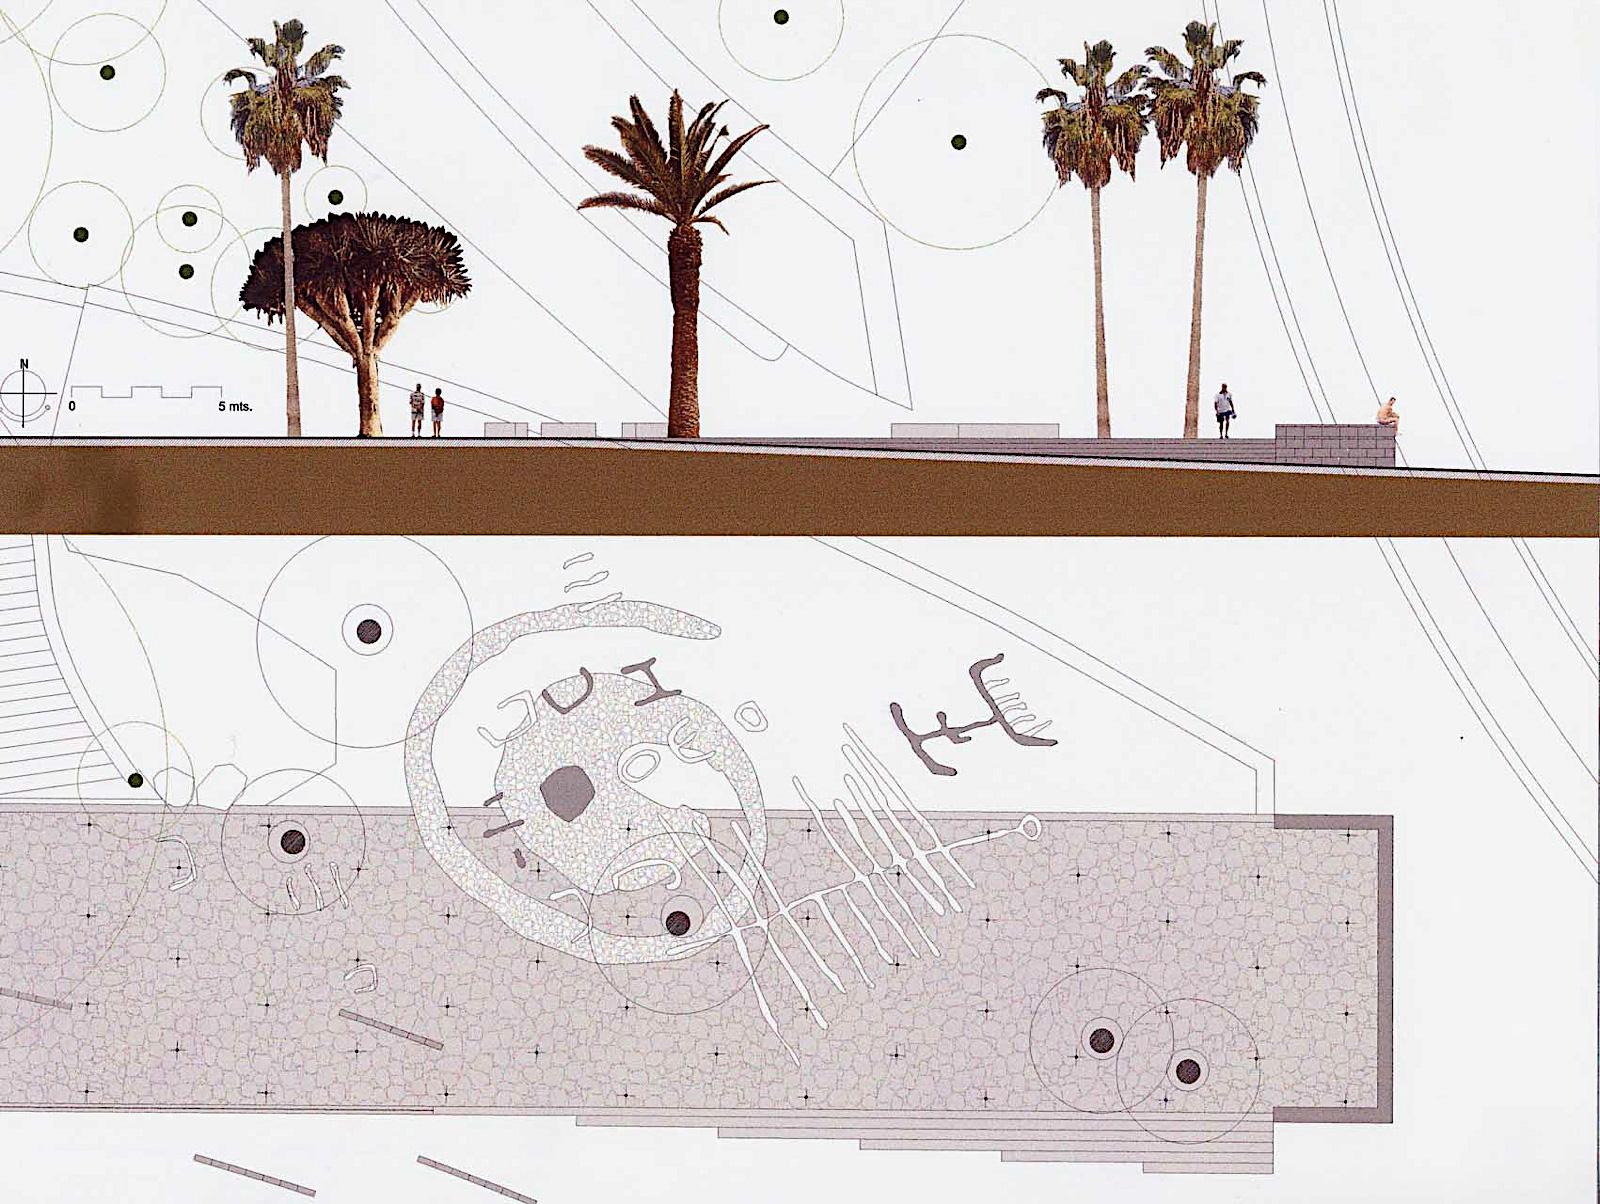 imagen GANADOR URBANISMO 2003 Reordenación Paseo Colón